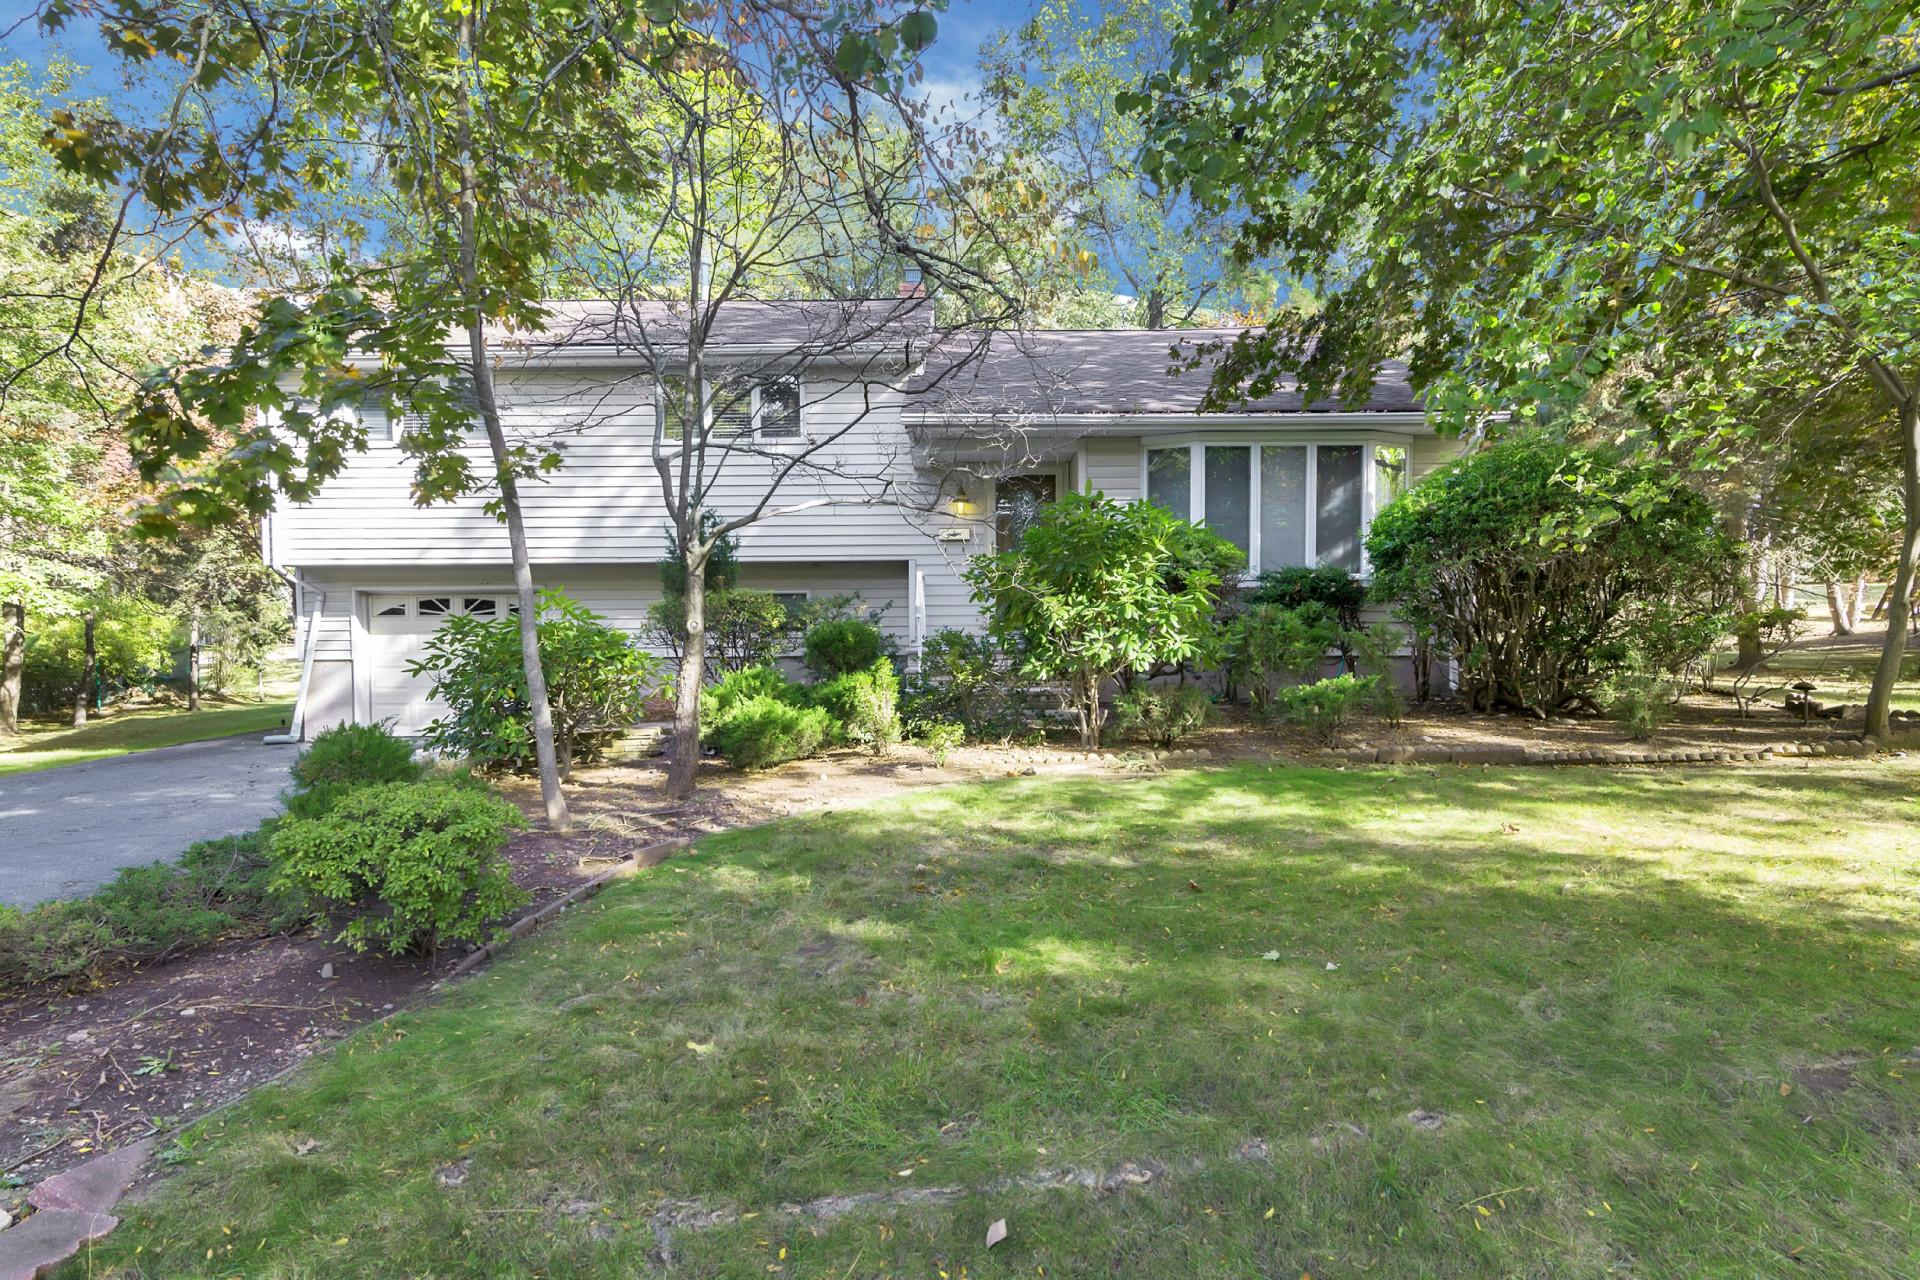 Maison unifamiliale pour l Vente à Excellent Location 25 Sherman Ave Closter, New Jersey 07624 États-Unis